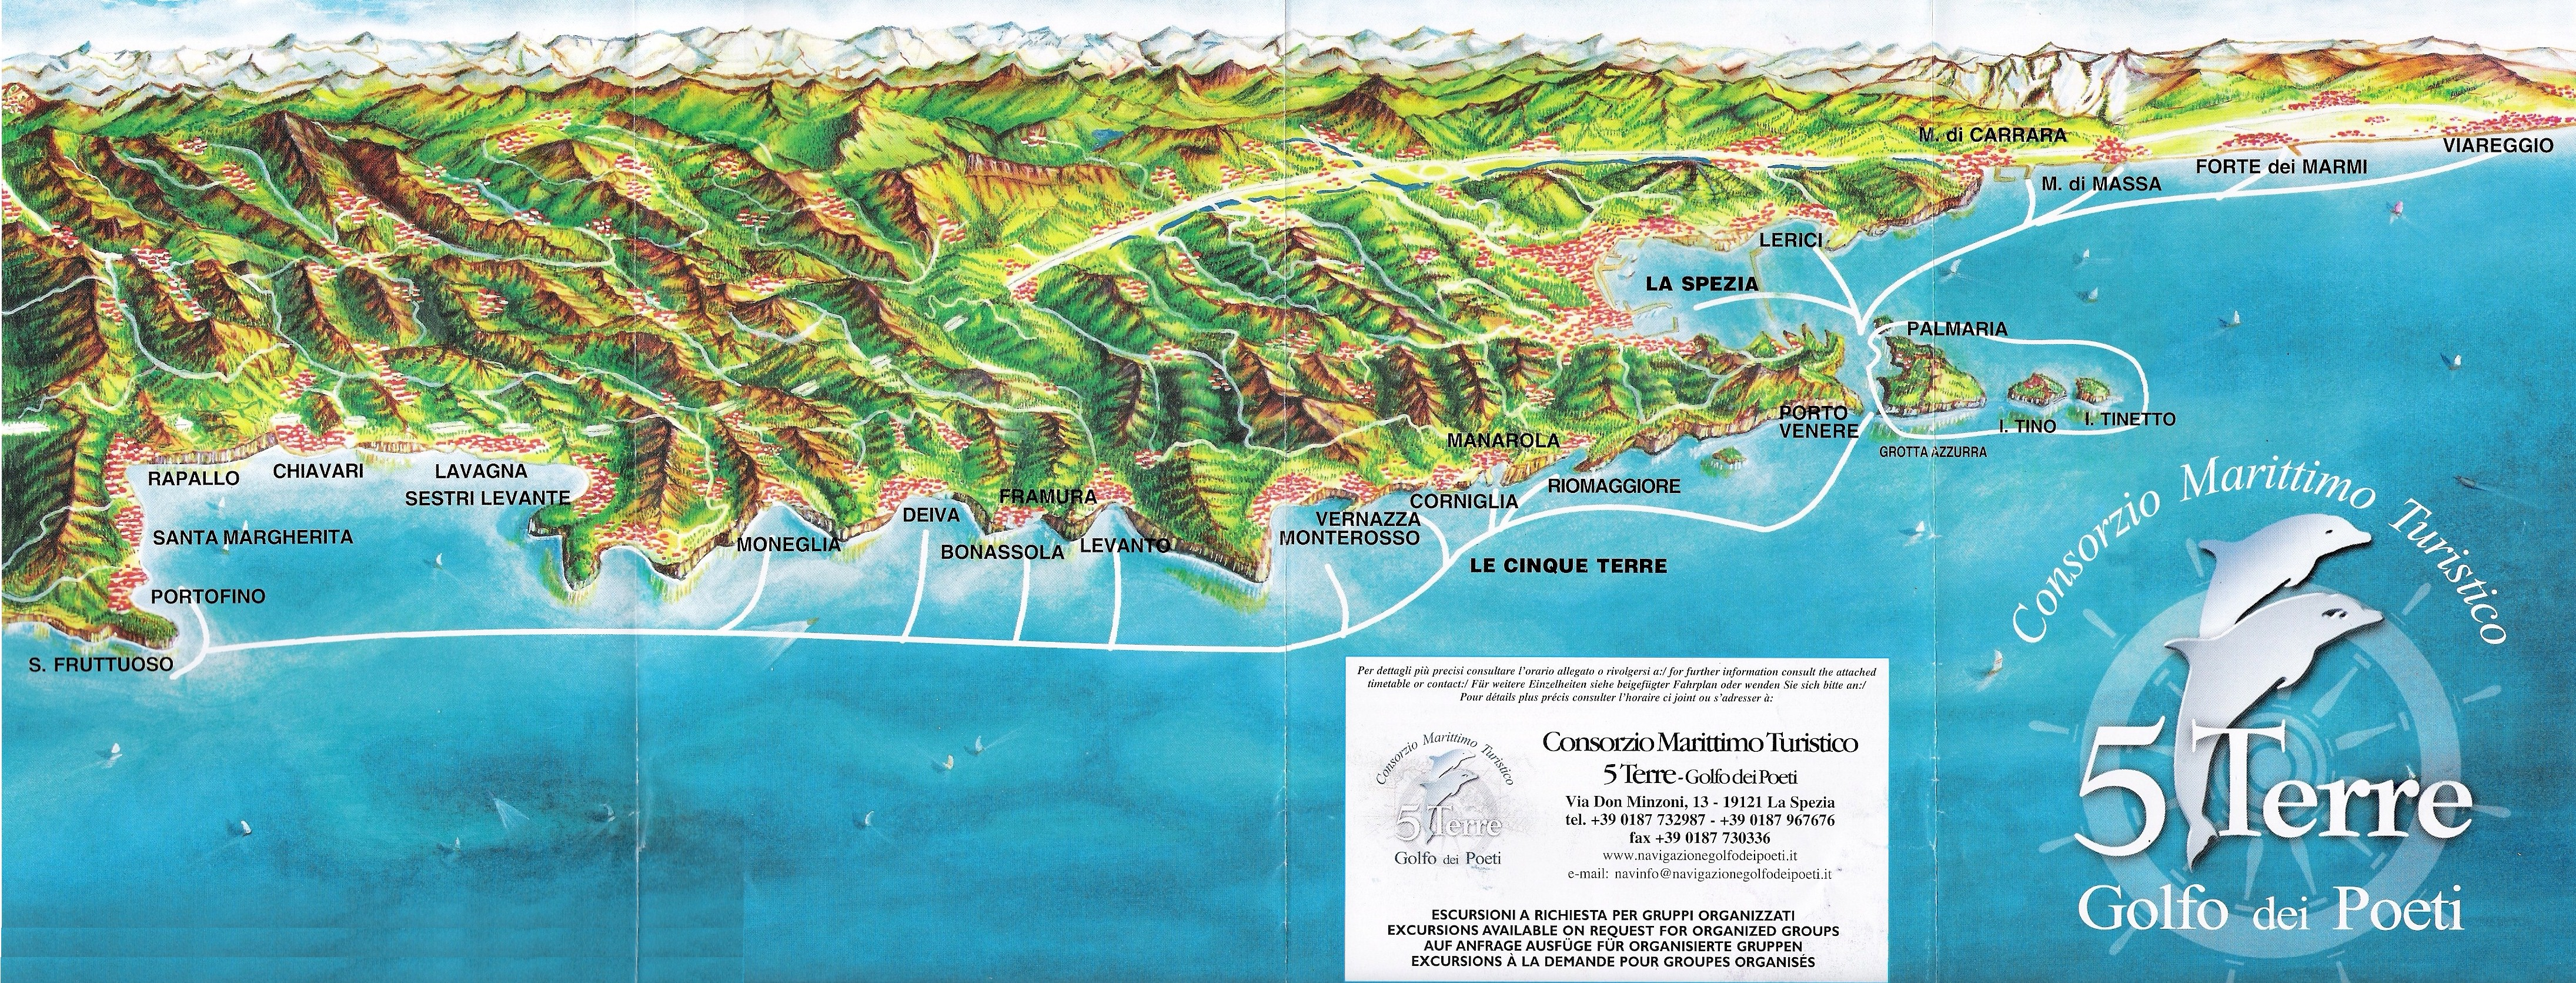 Mapa de cinque terre gu a blog italia - Office tourisme la spezia ...